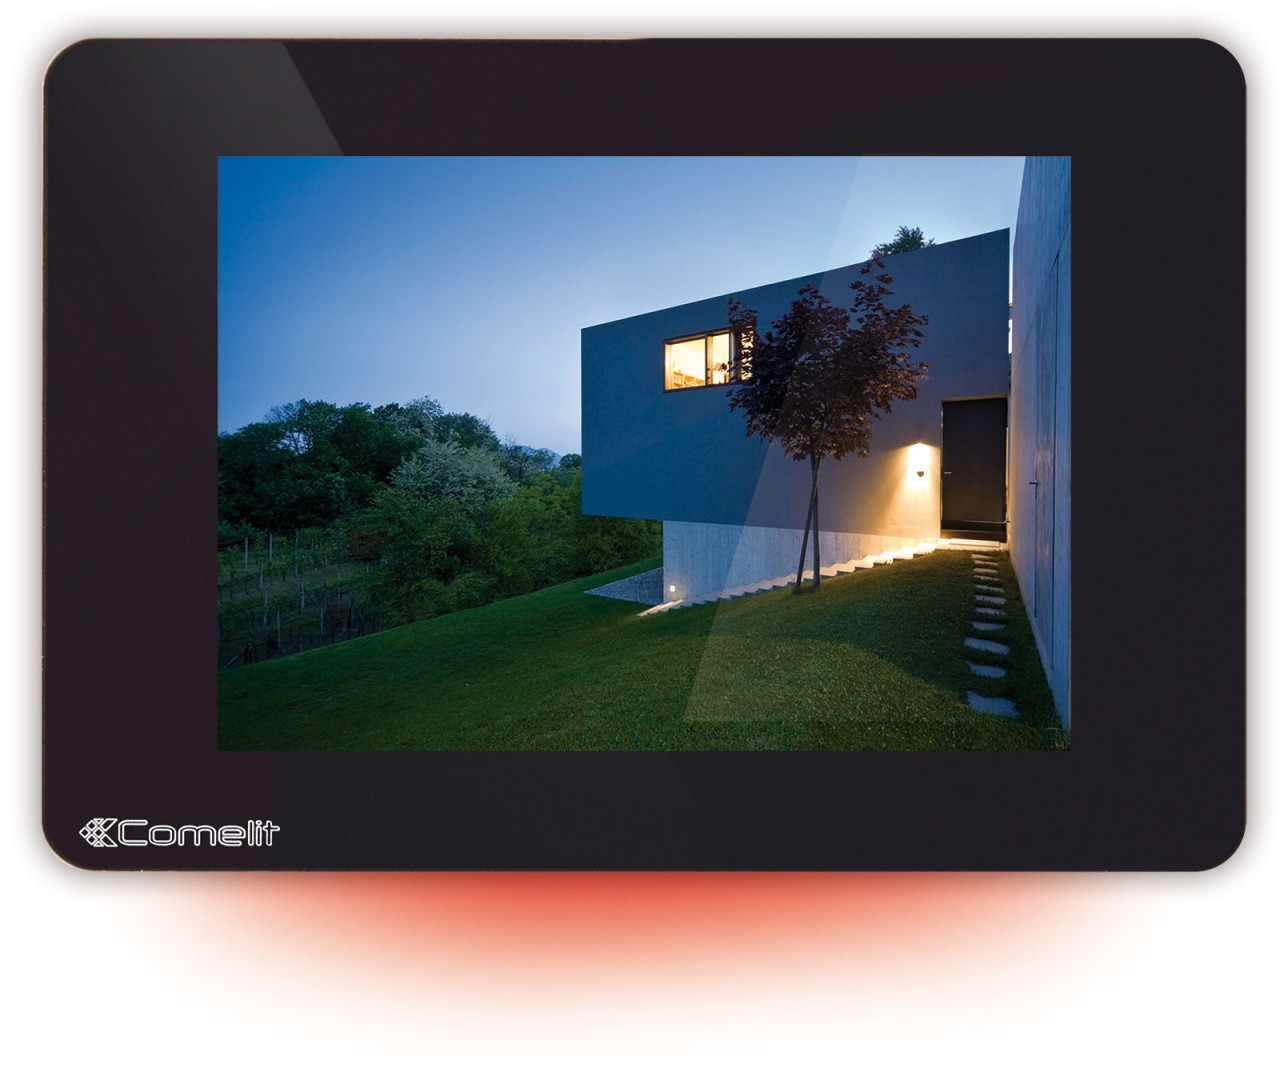 Ecran de videosurveillance - Les prestations de DomElec, expert électricien en Savoie et Haute-Savoie